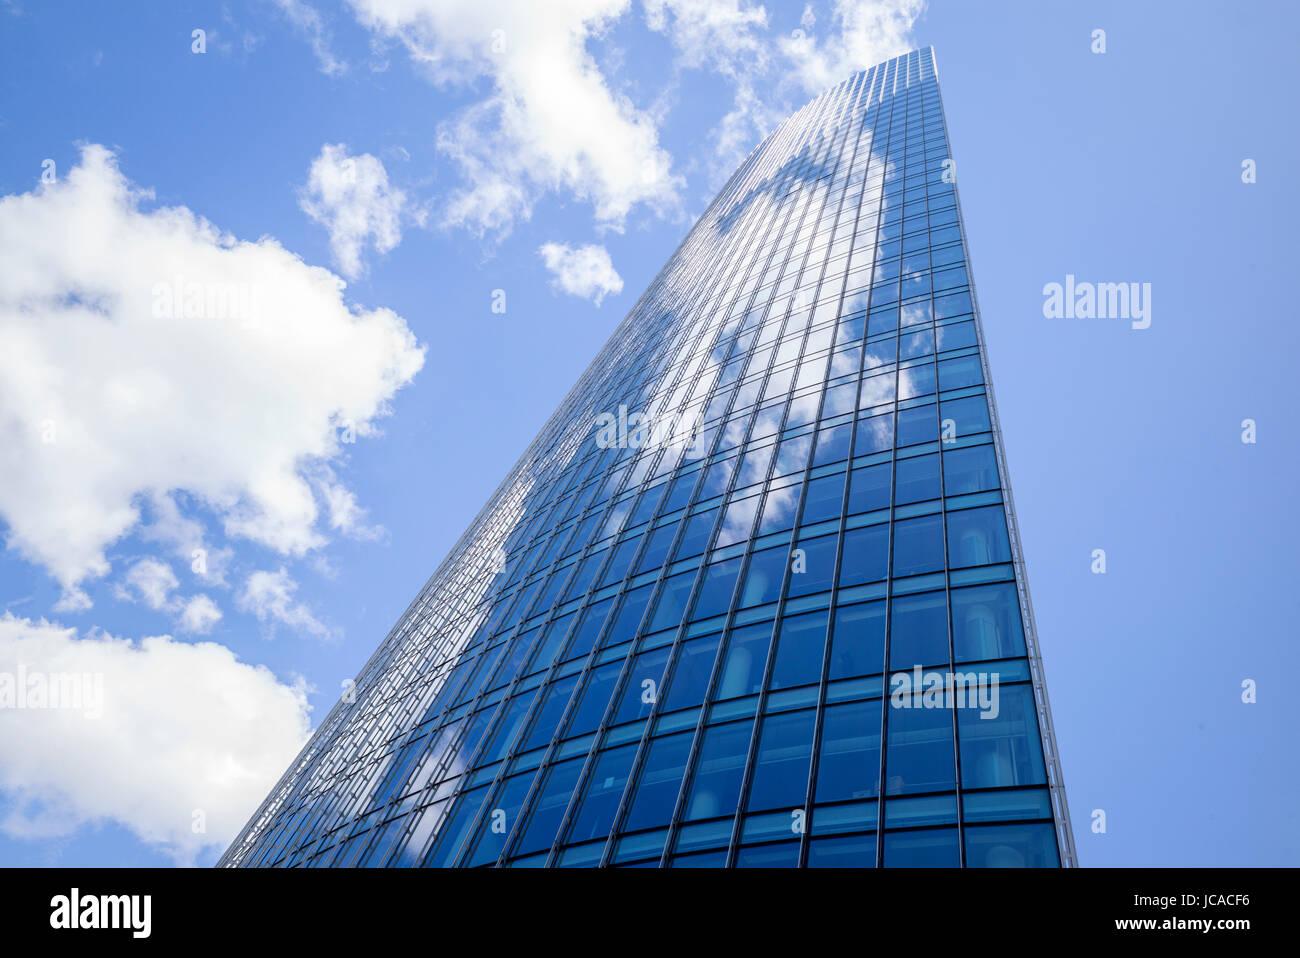 Abstrakte Fassade Eines Bürogebäudes in Frankfurt Am Main, Deutschland Stockbild